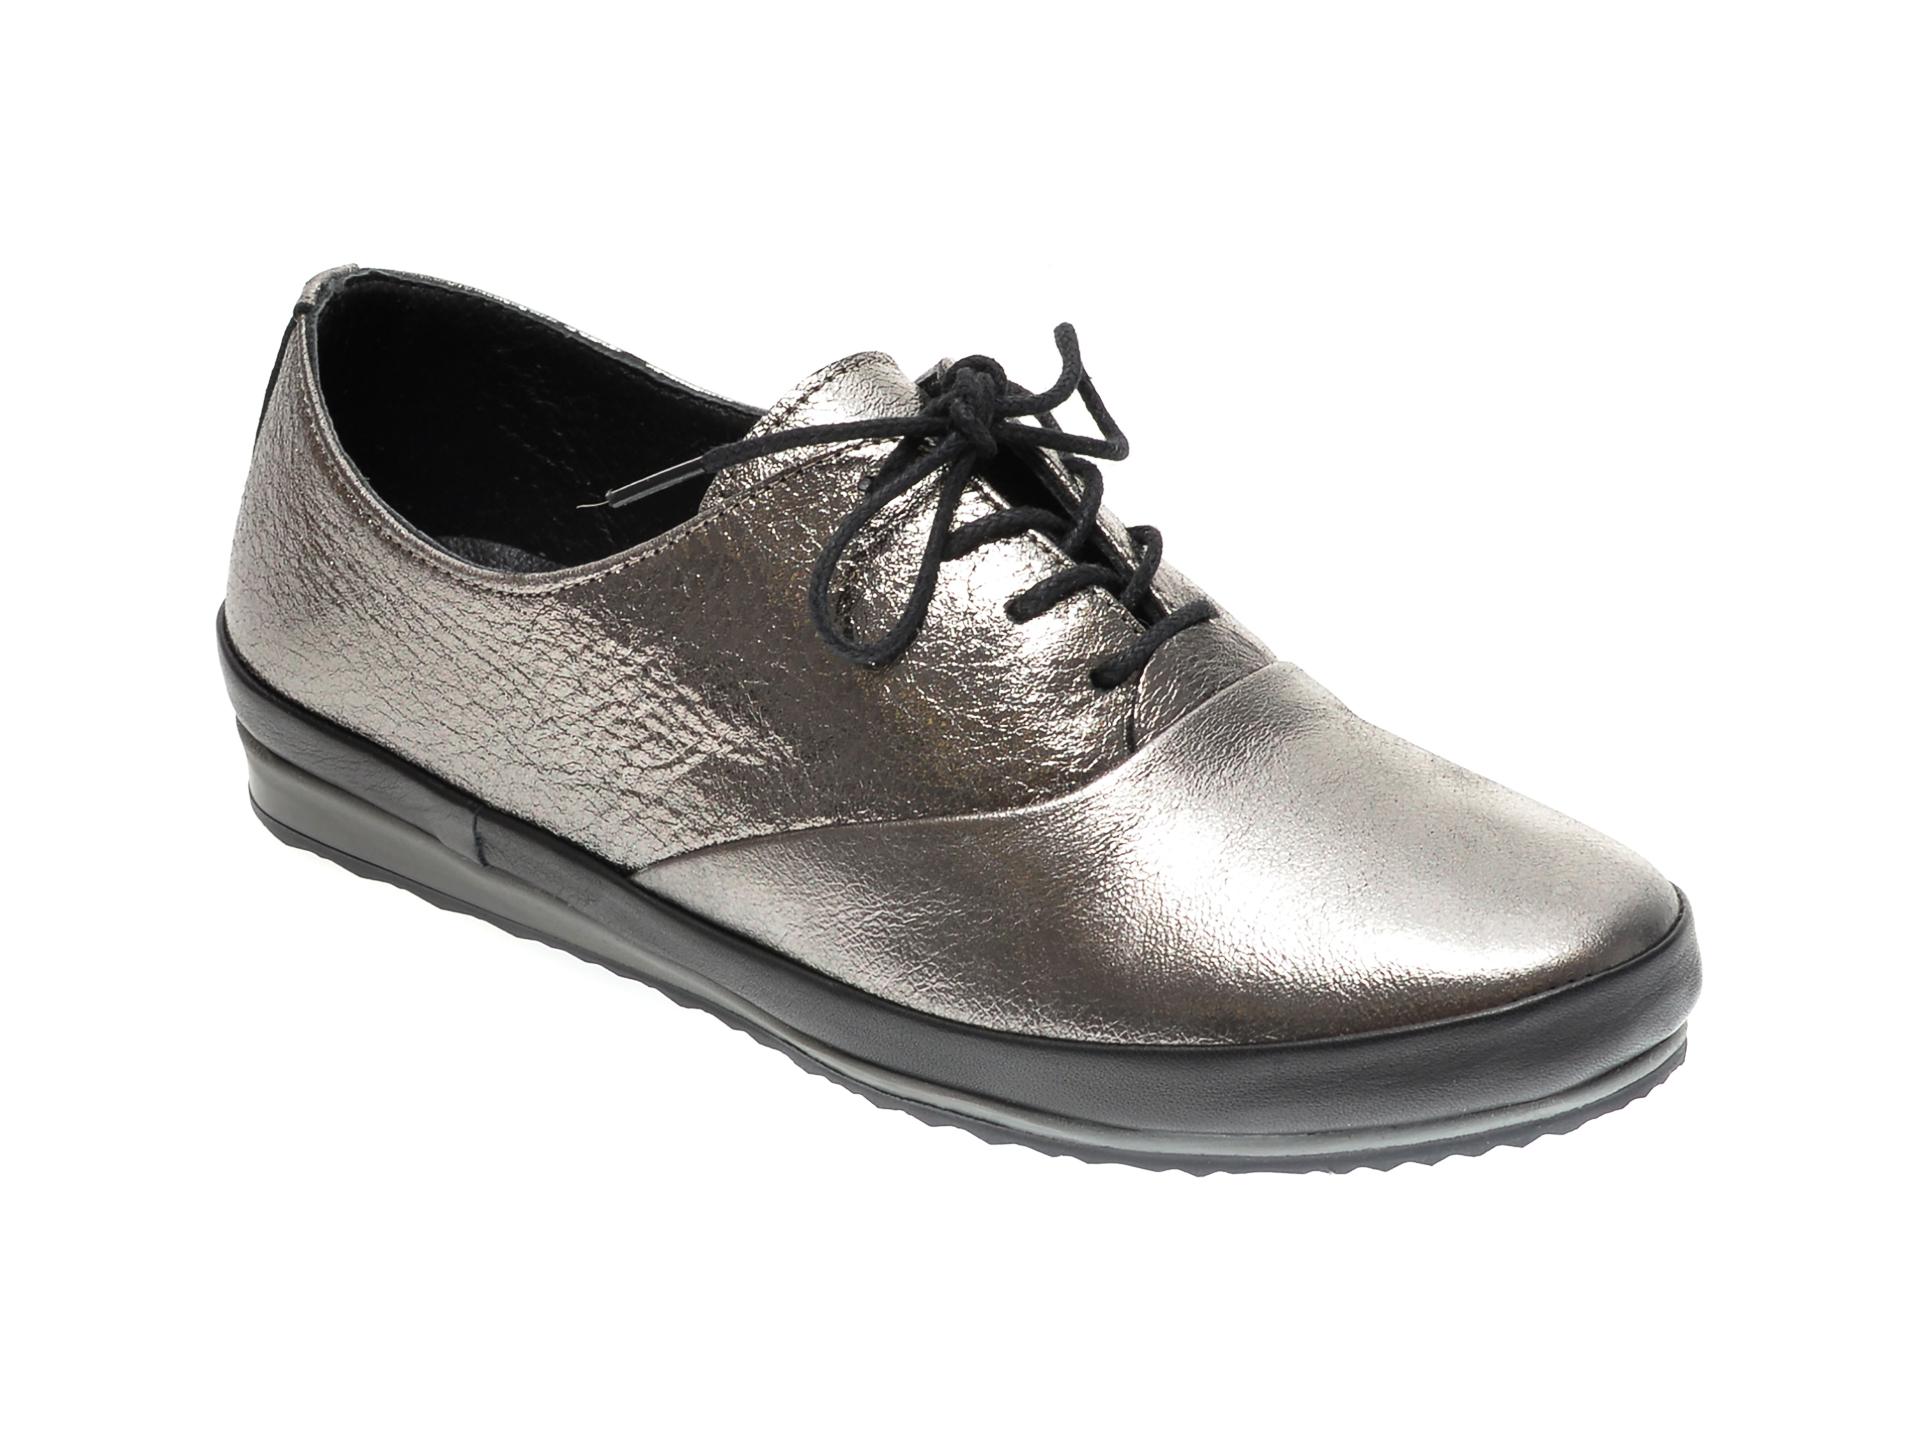 Pantofi ILOZ argintii, 6005, din piele naturala imagine